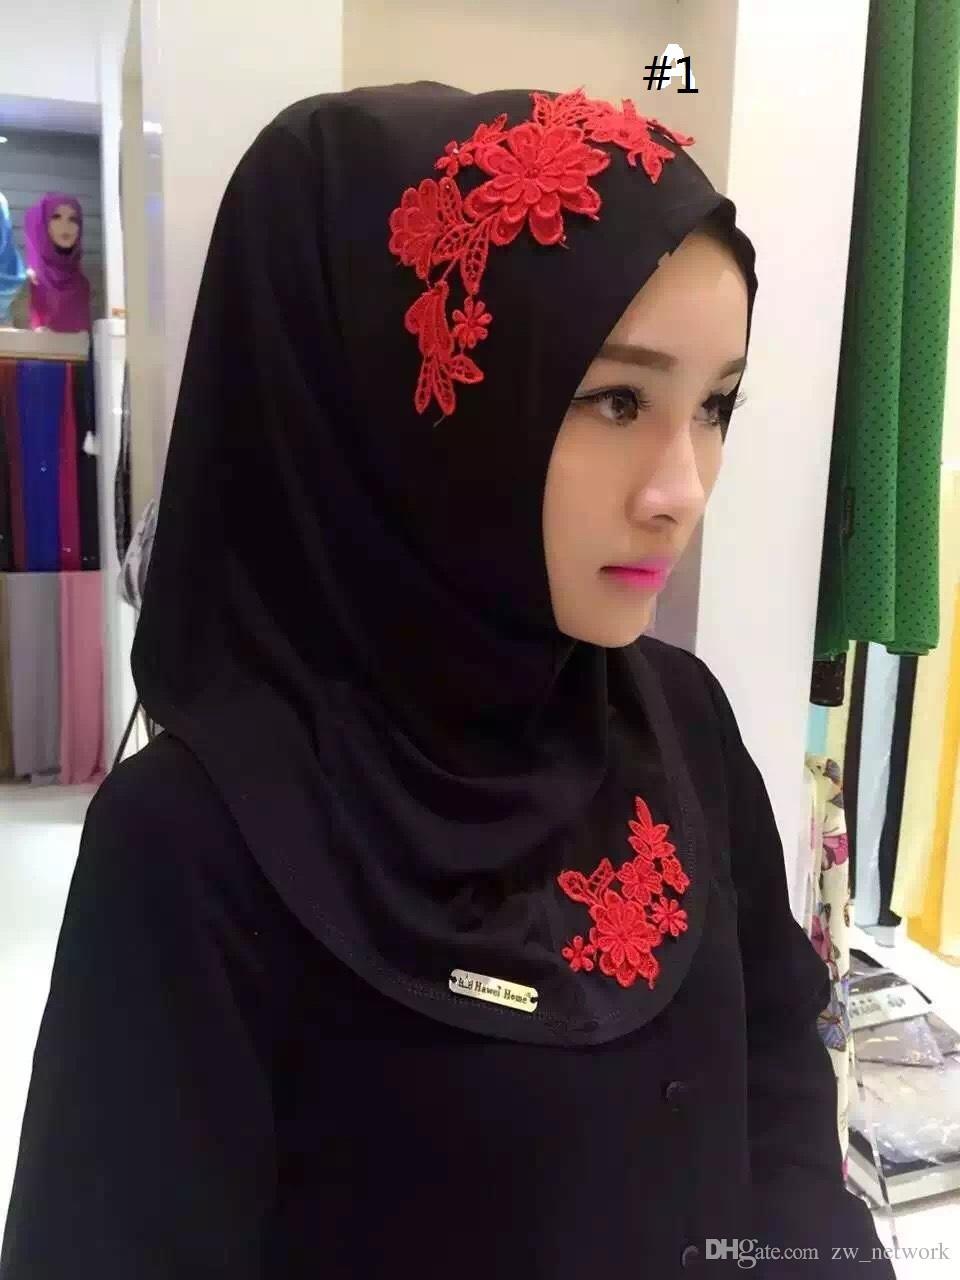 Encaje de las mujeres Hijab musulmán Impreso Chales instantáneos Jersey Bufanda modal Amira Slip On Bufandas Envolturas El pañuelo de las mujeres puede elegir el color 77